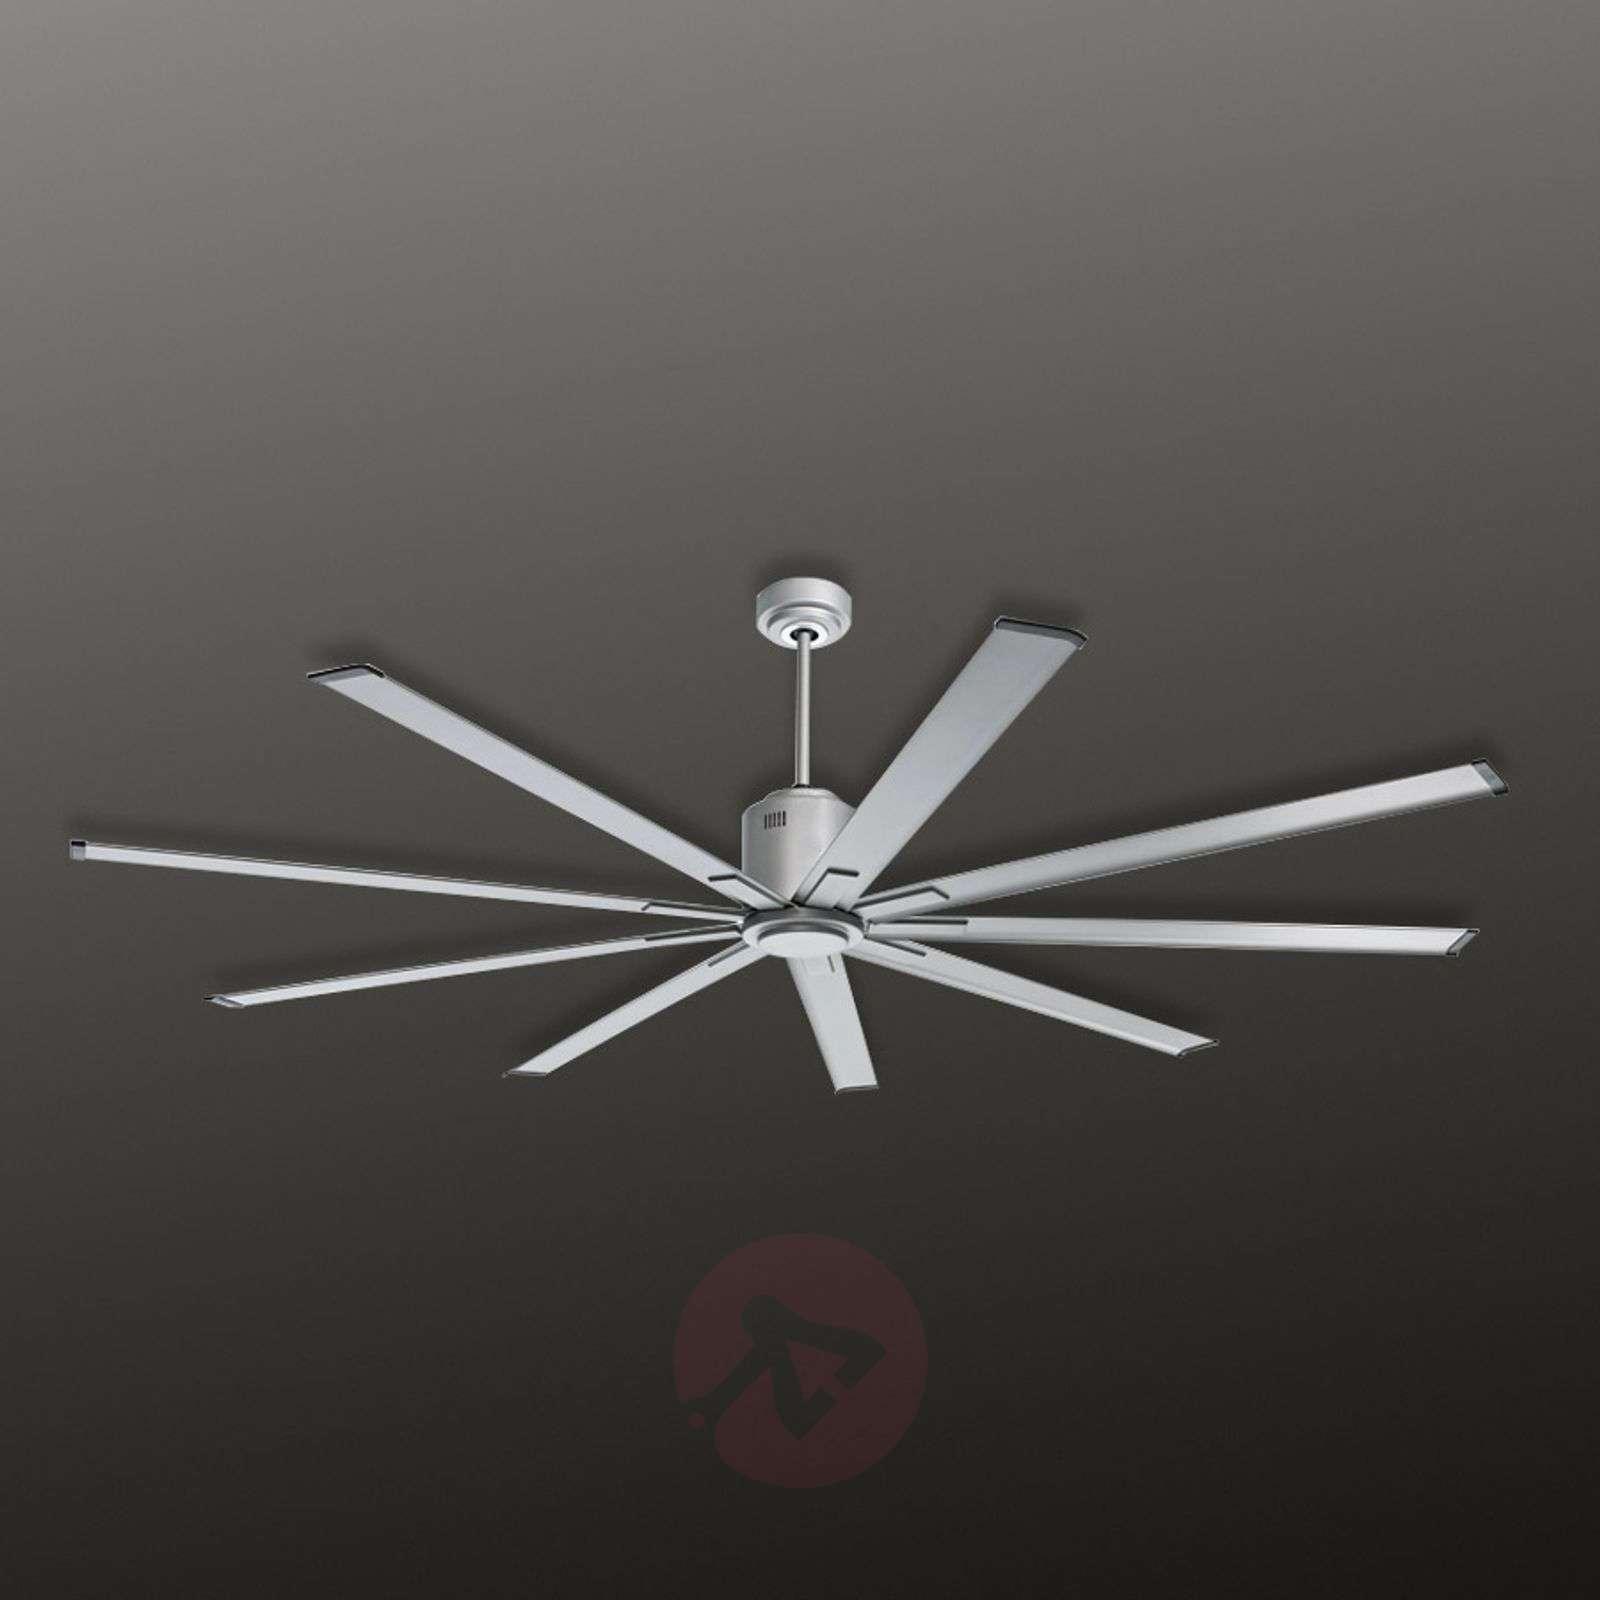 Ceiling fan Big Smooth Eco 220cm, titanium silver-2015069-01